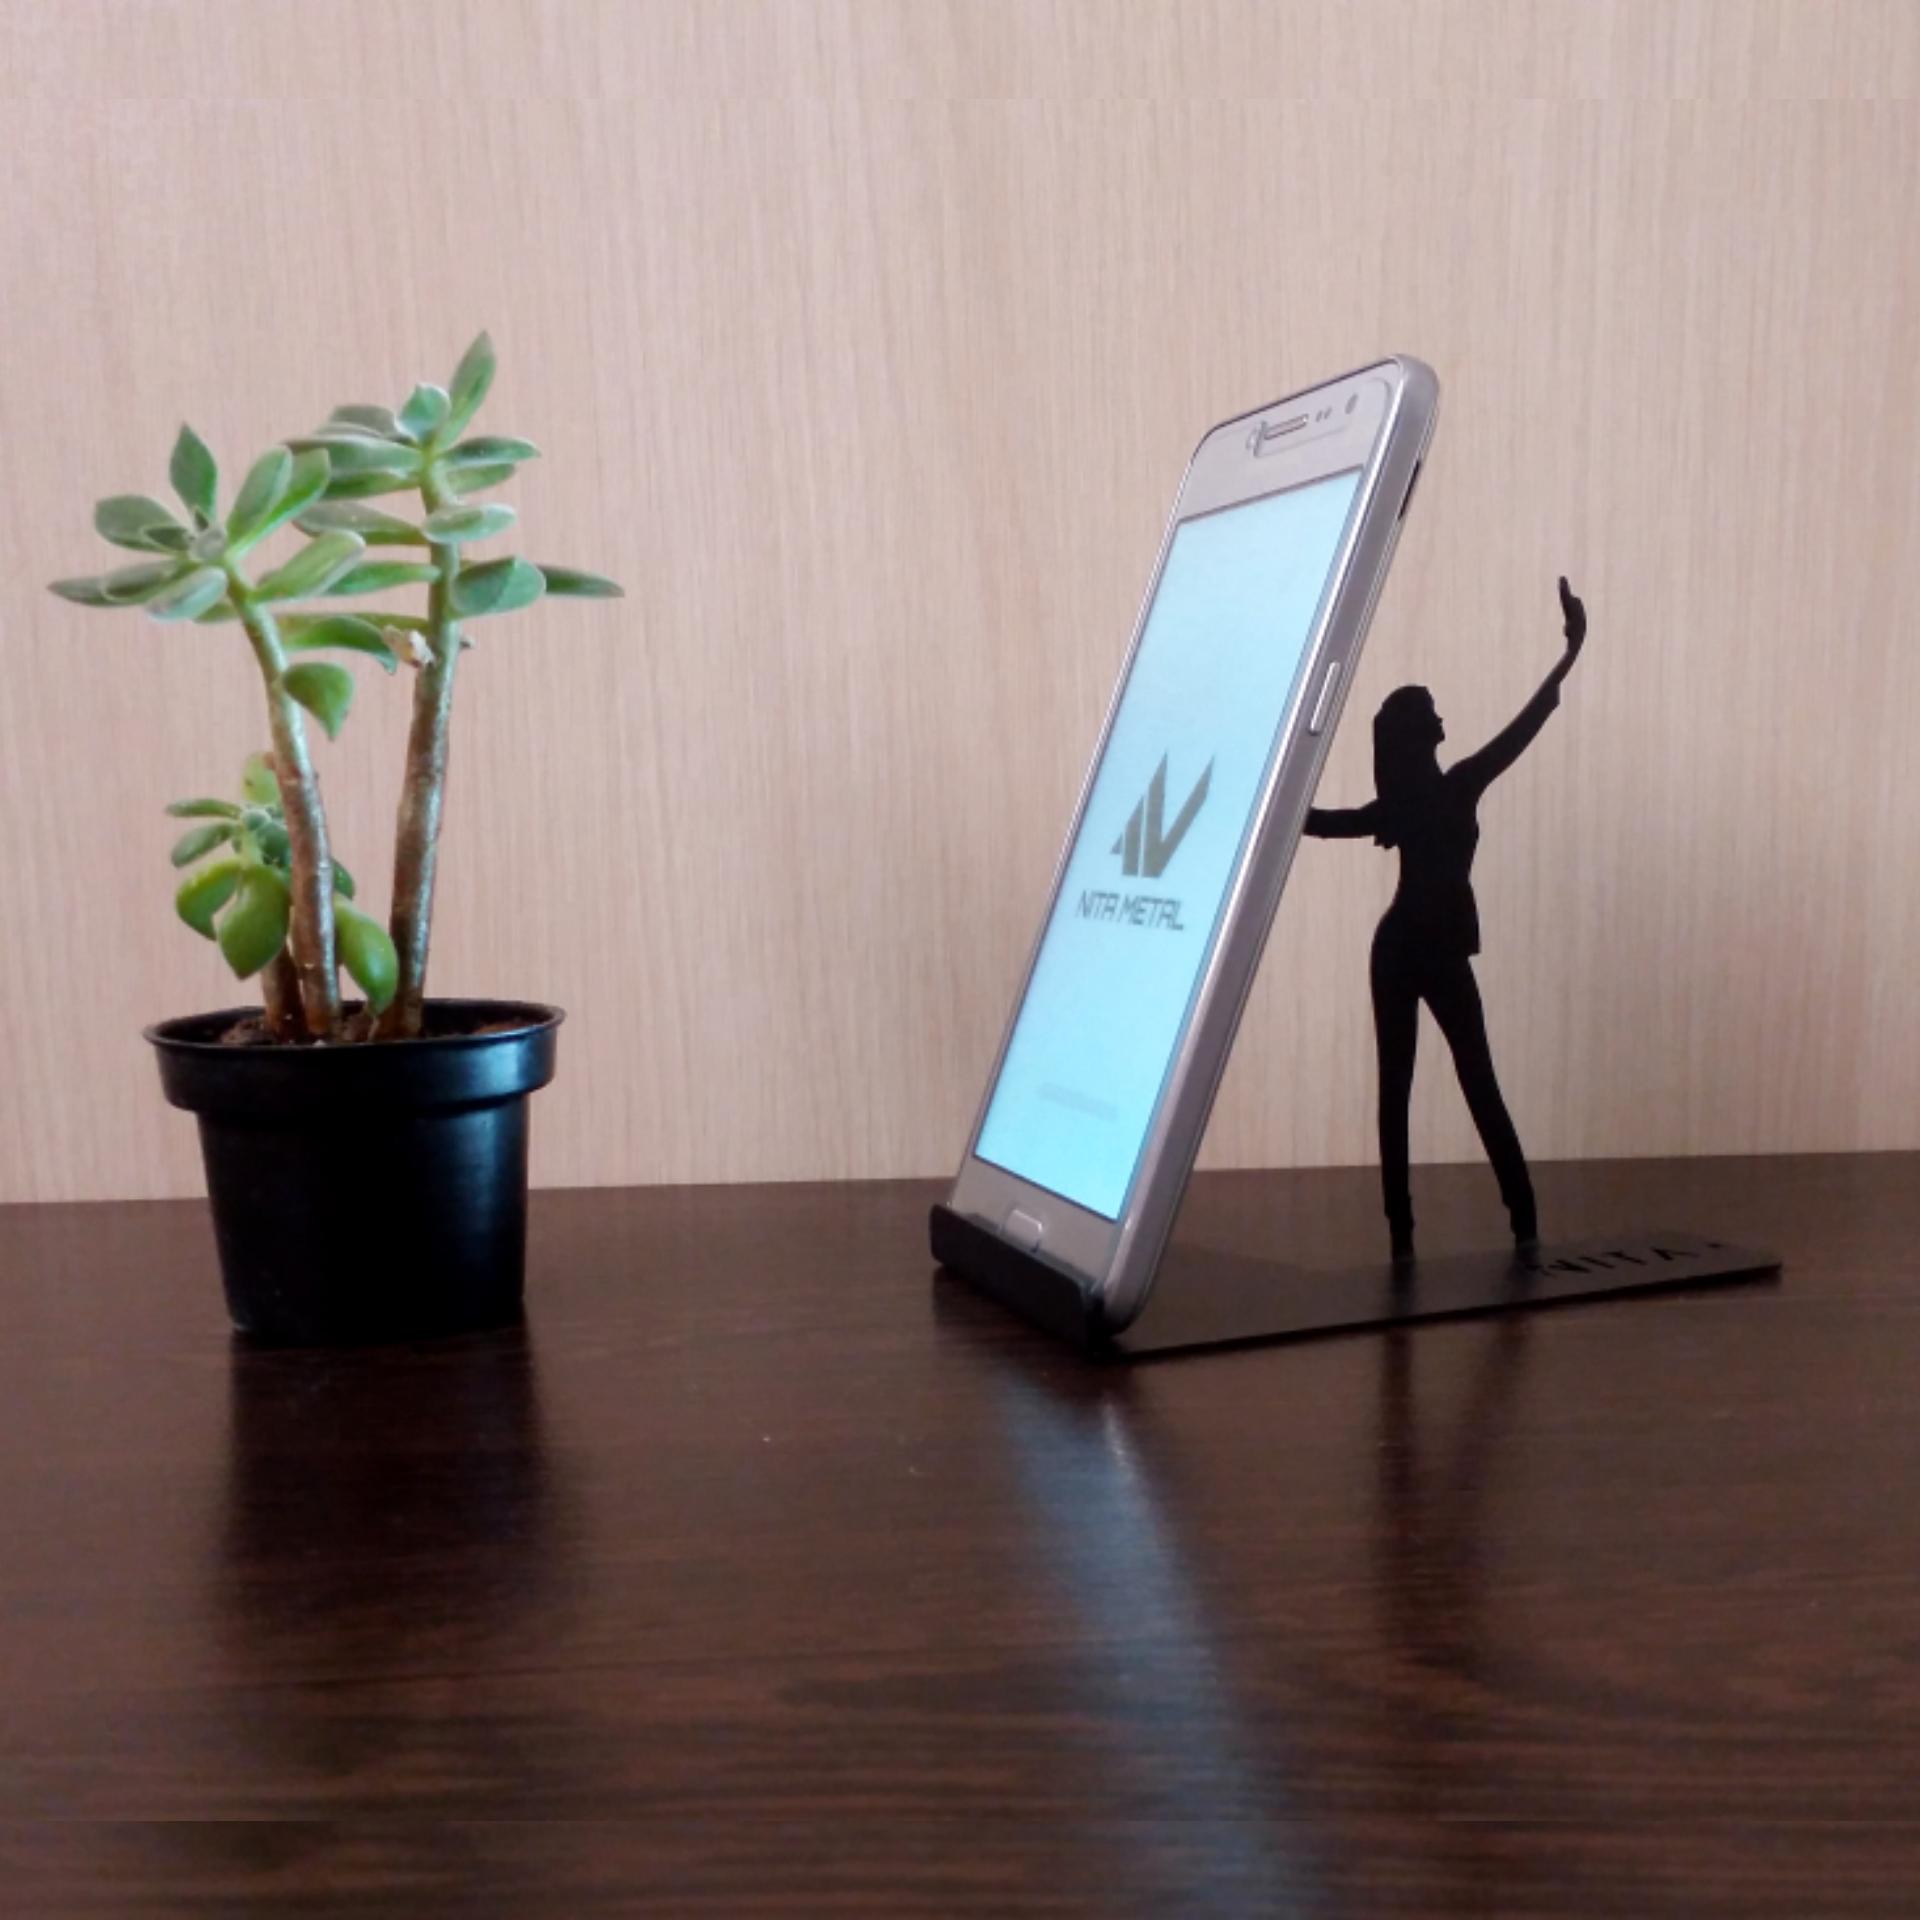 پایه نگهدارنده گوشی موبایل نیتا کد 206-1 main 1 7